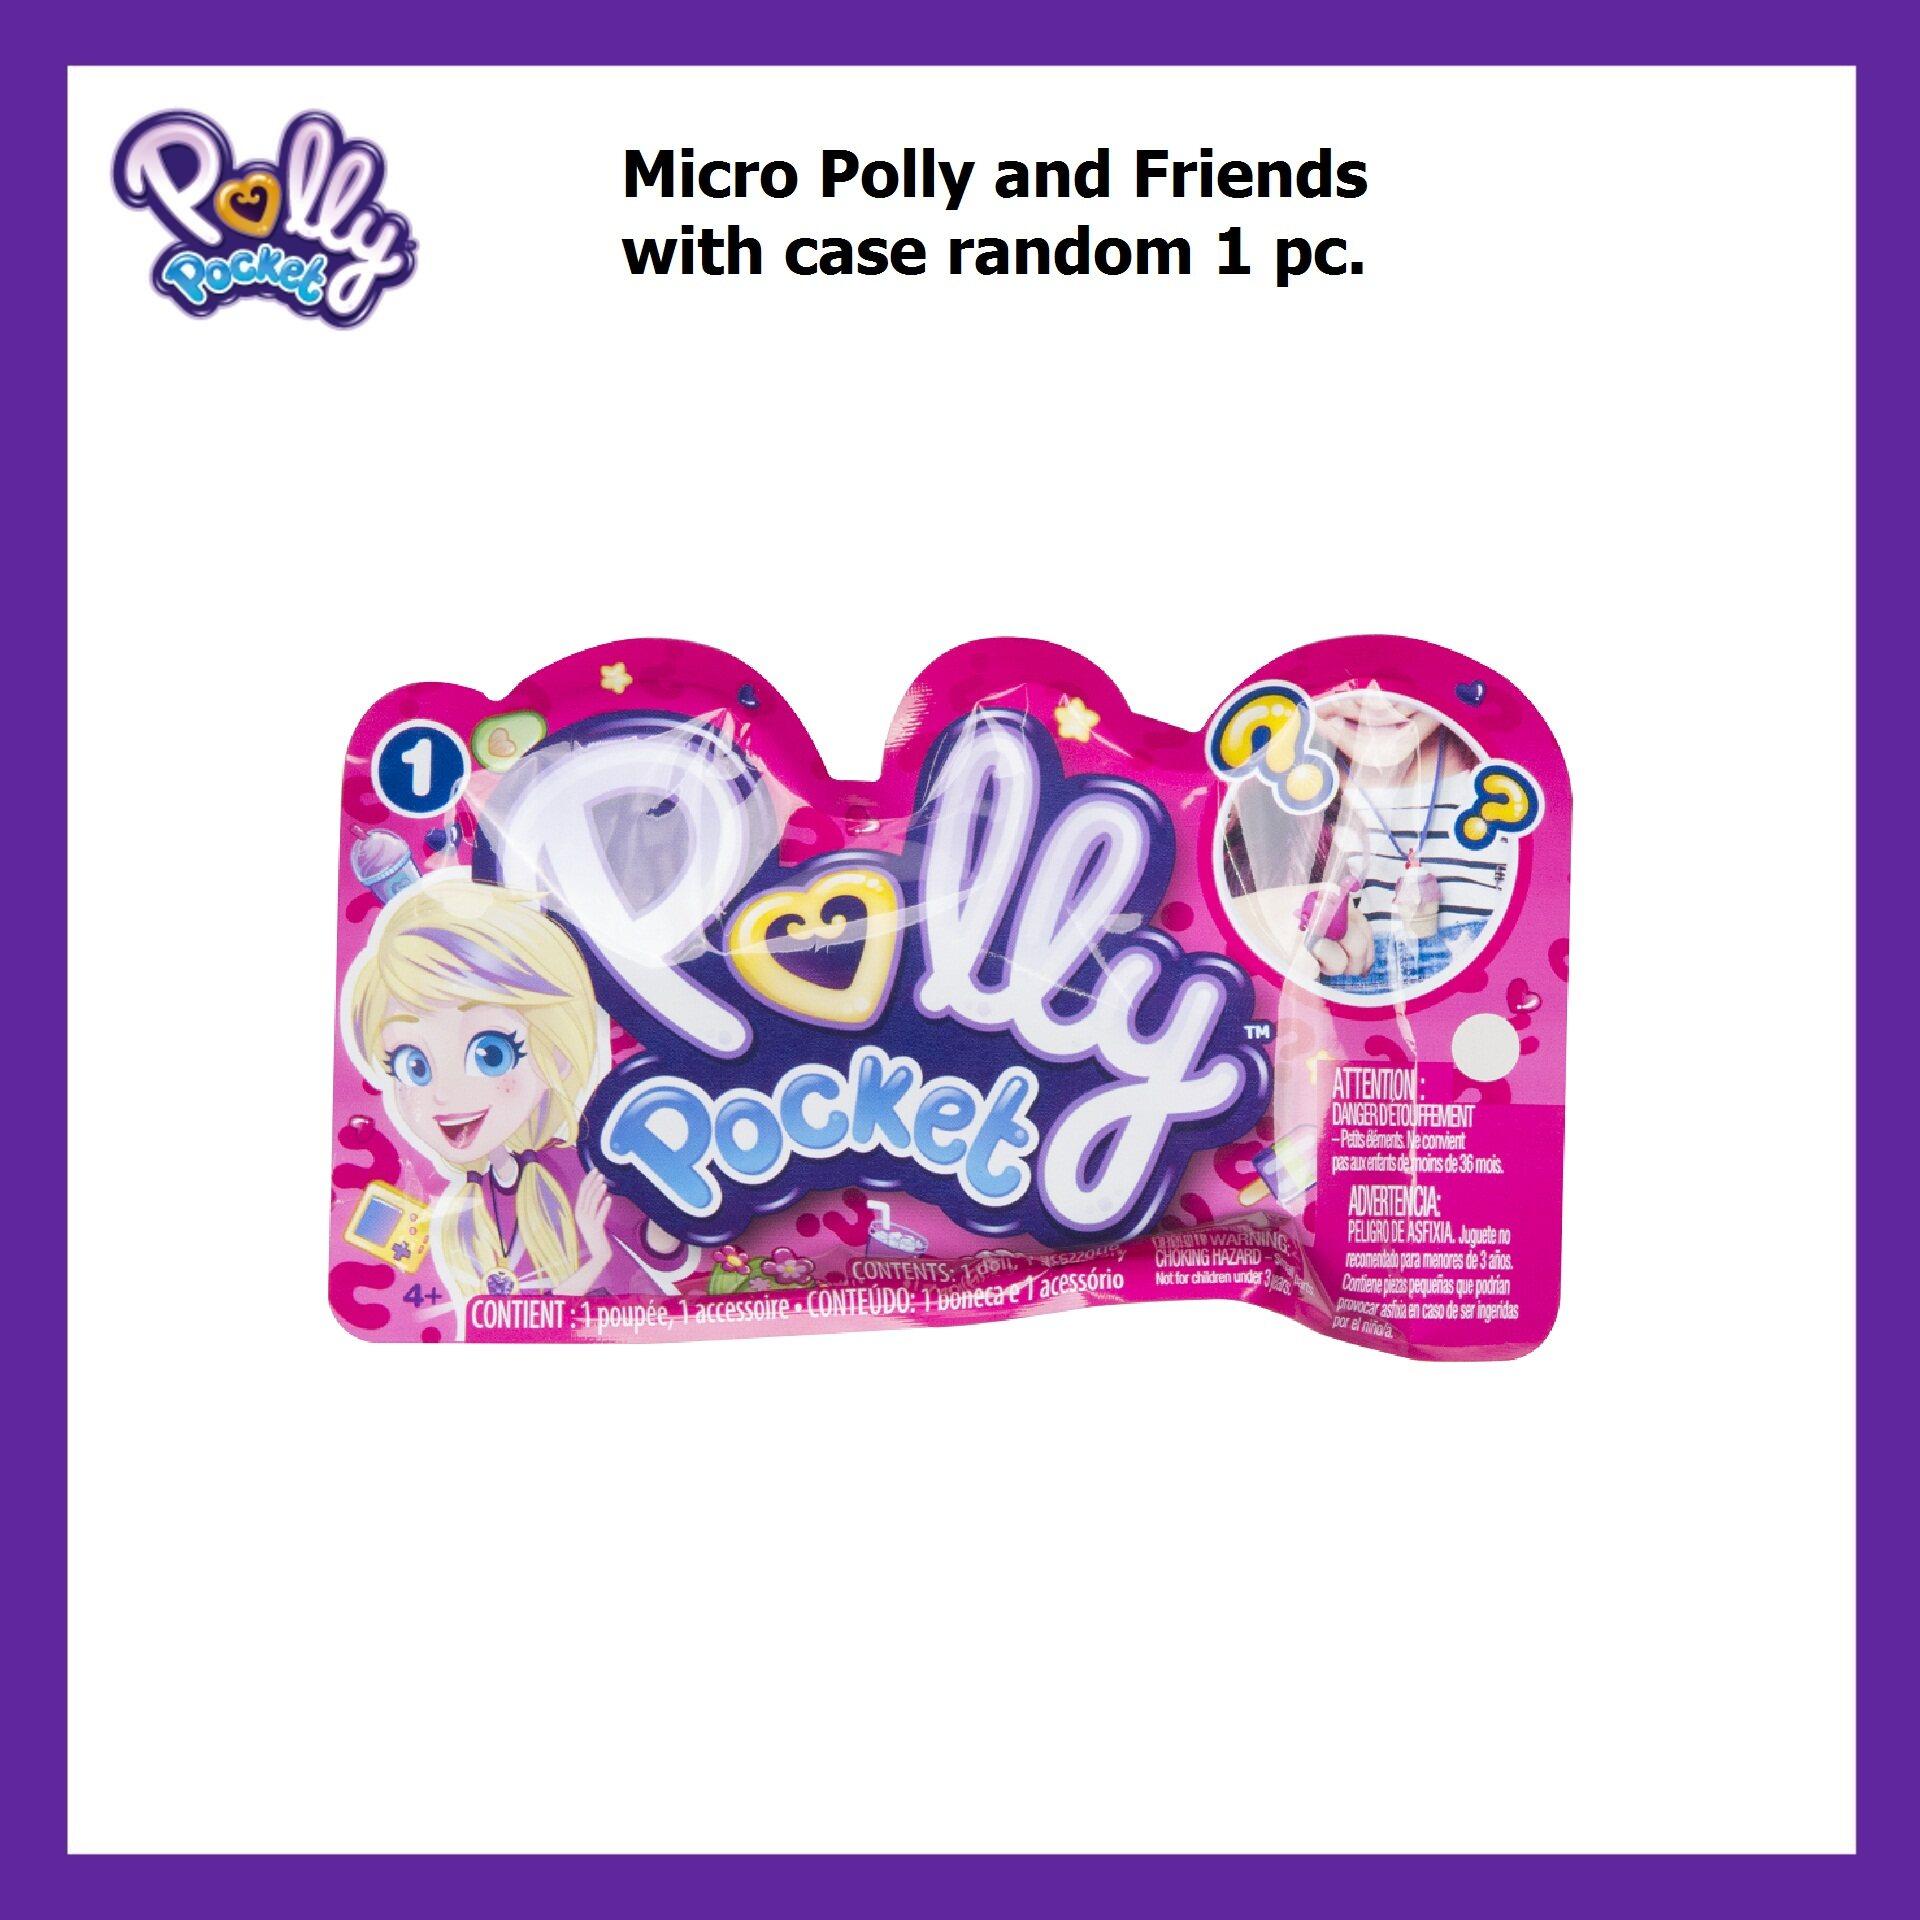 Polly Pocket Mini Accessory With Doll พอลลี่ พ๊อกเก็ต ตุ๊กตาและกล่องเก็บ คละแบบ 1 ชิ้น รุ่น Gnk16 Ch.